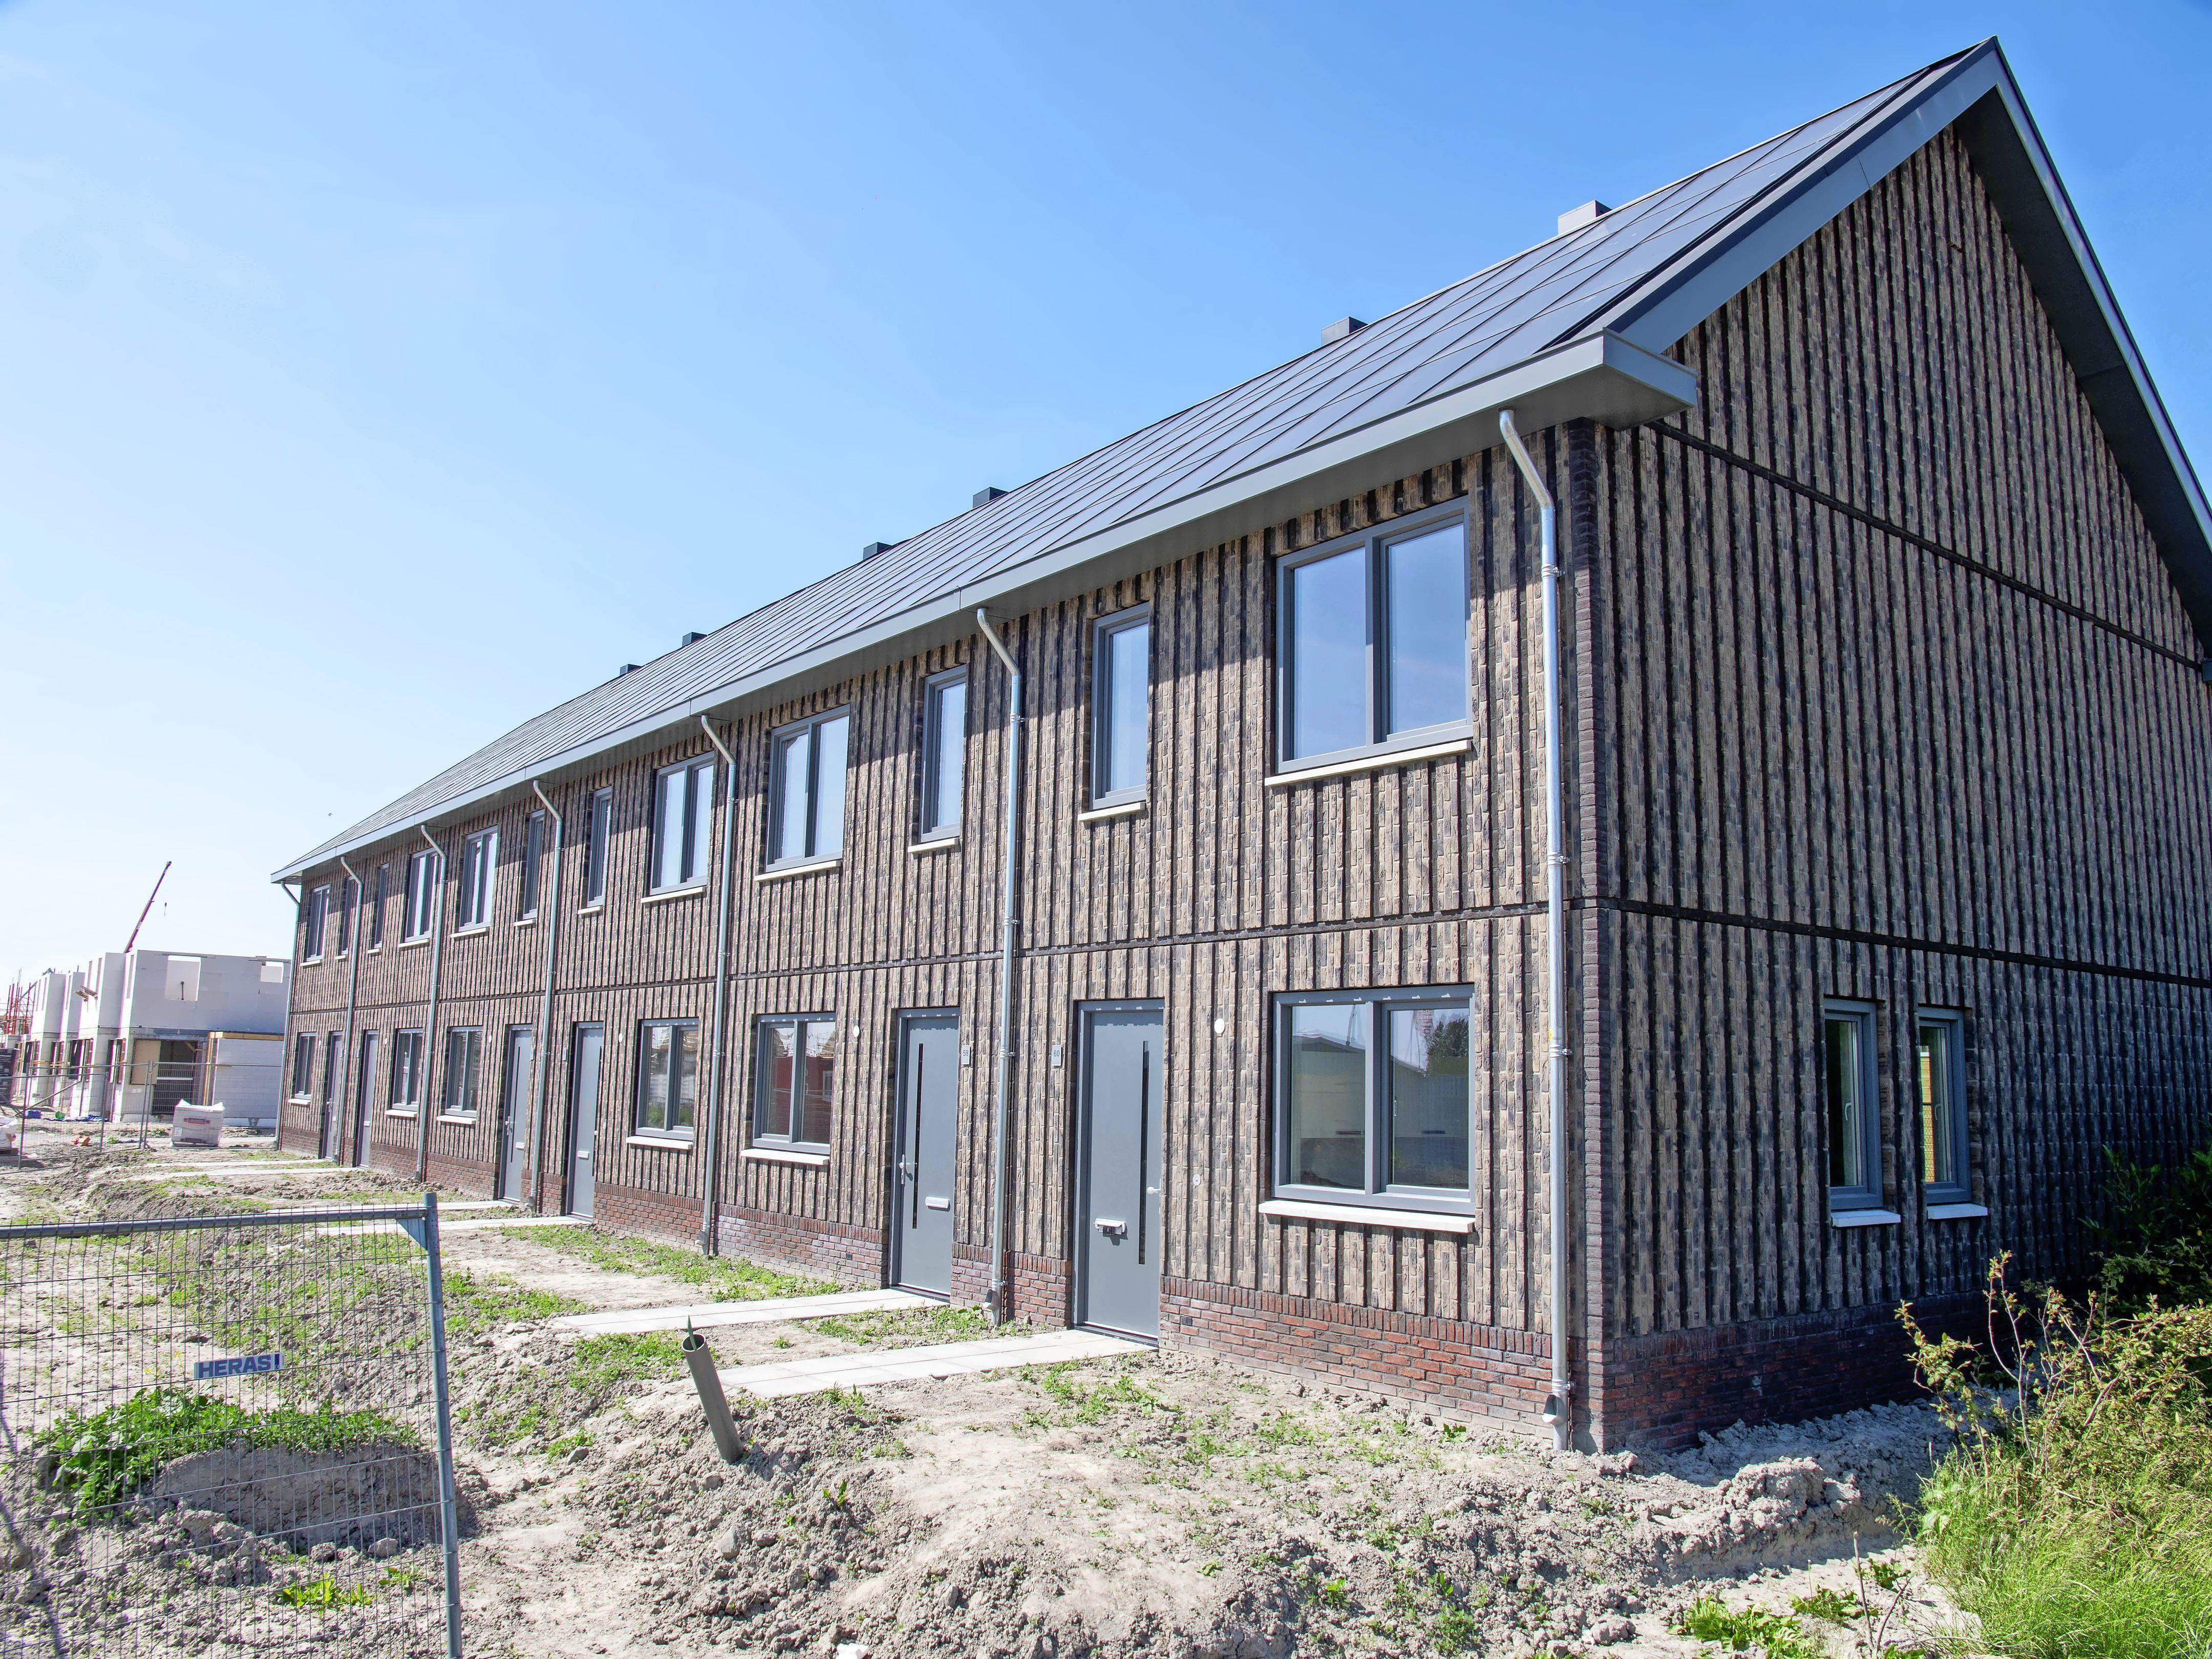 Kijk, dat schiet op: twaalf huizen gebouwd in elf dagen en volgende maand kunnen de huurders er al in. Wooncompagnie experimenteert met supersnel bouwen